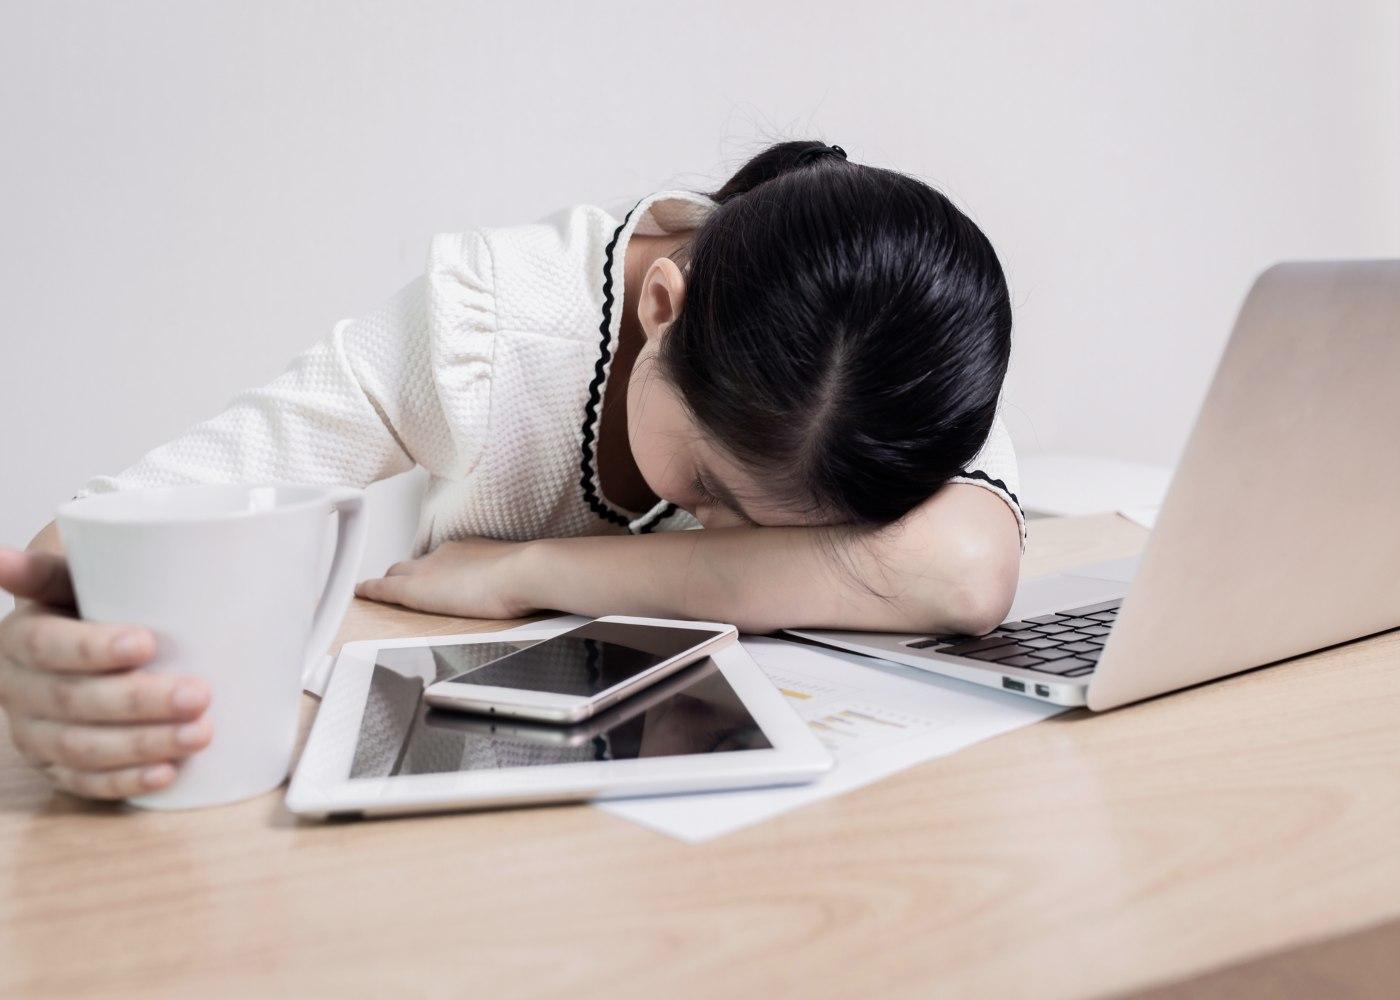 trabalhadora exausta a sofrer de zoom fatigue